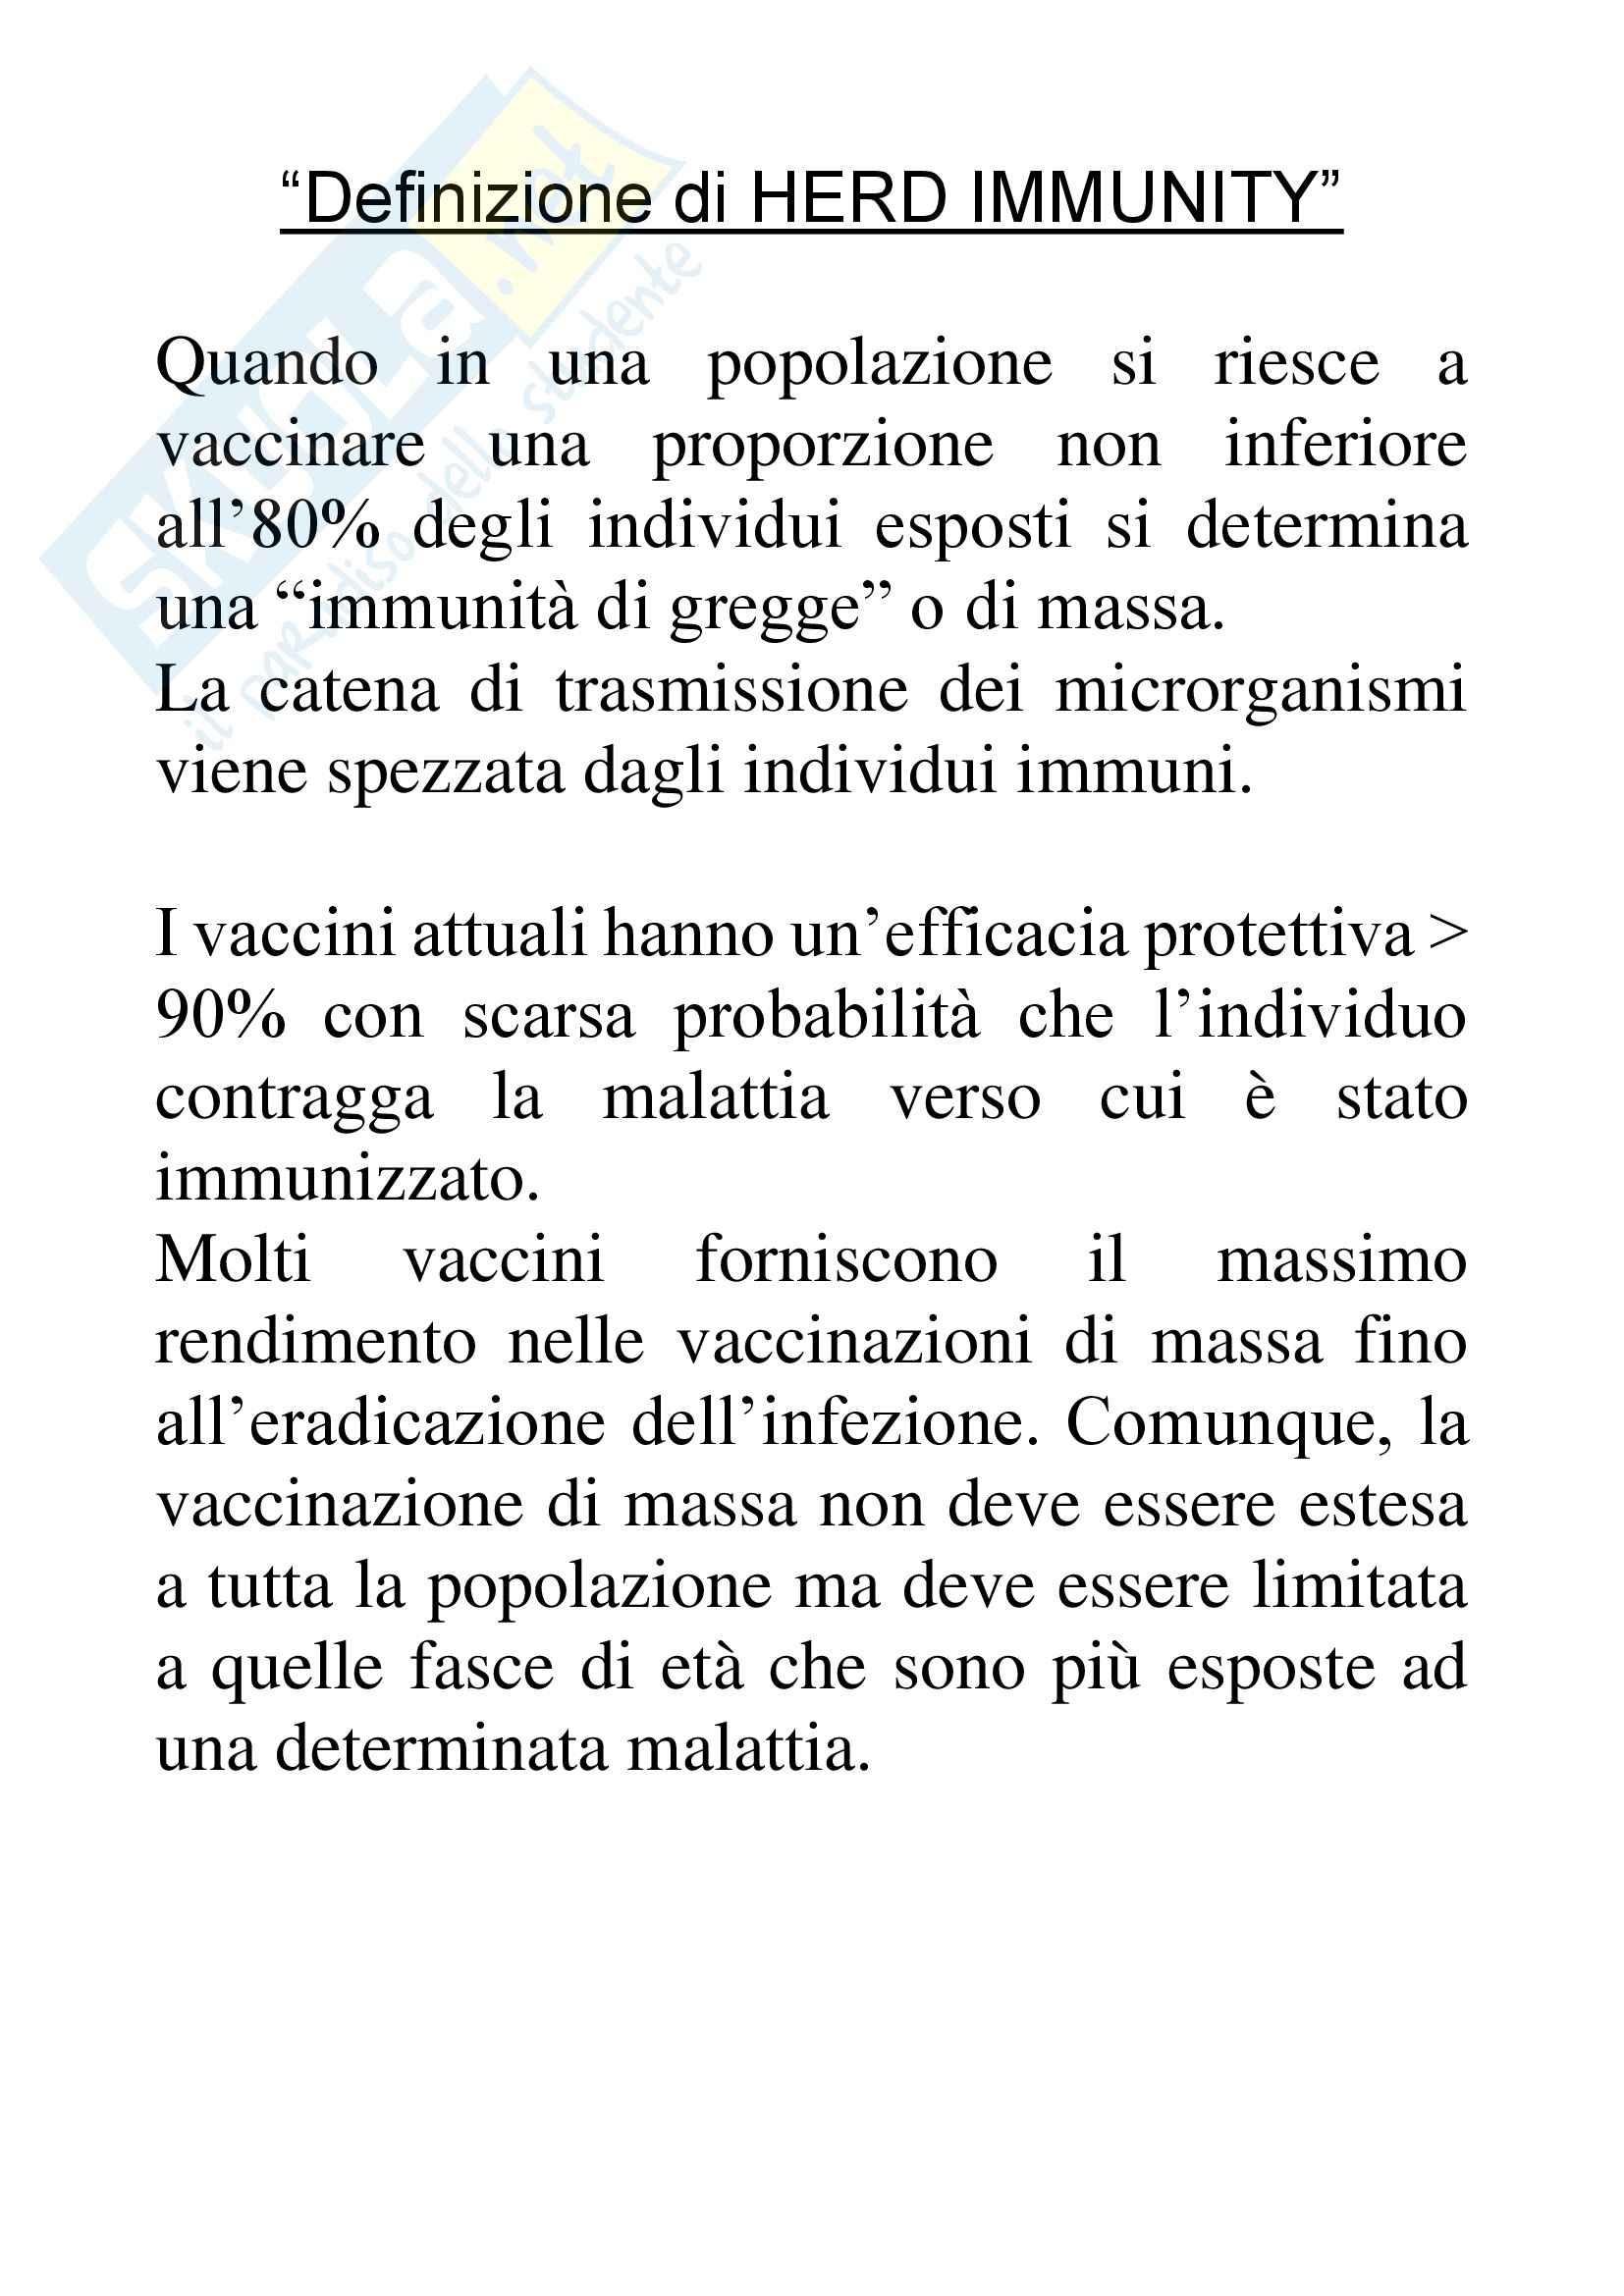 Pediatria - definizione di Herd Immunity